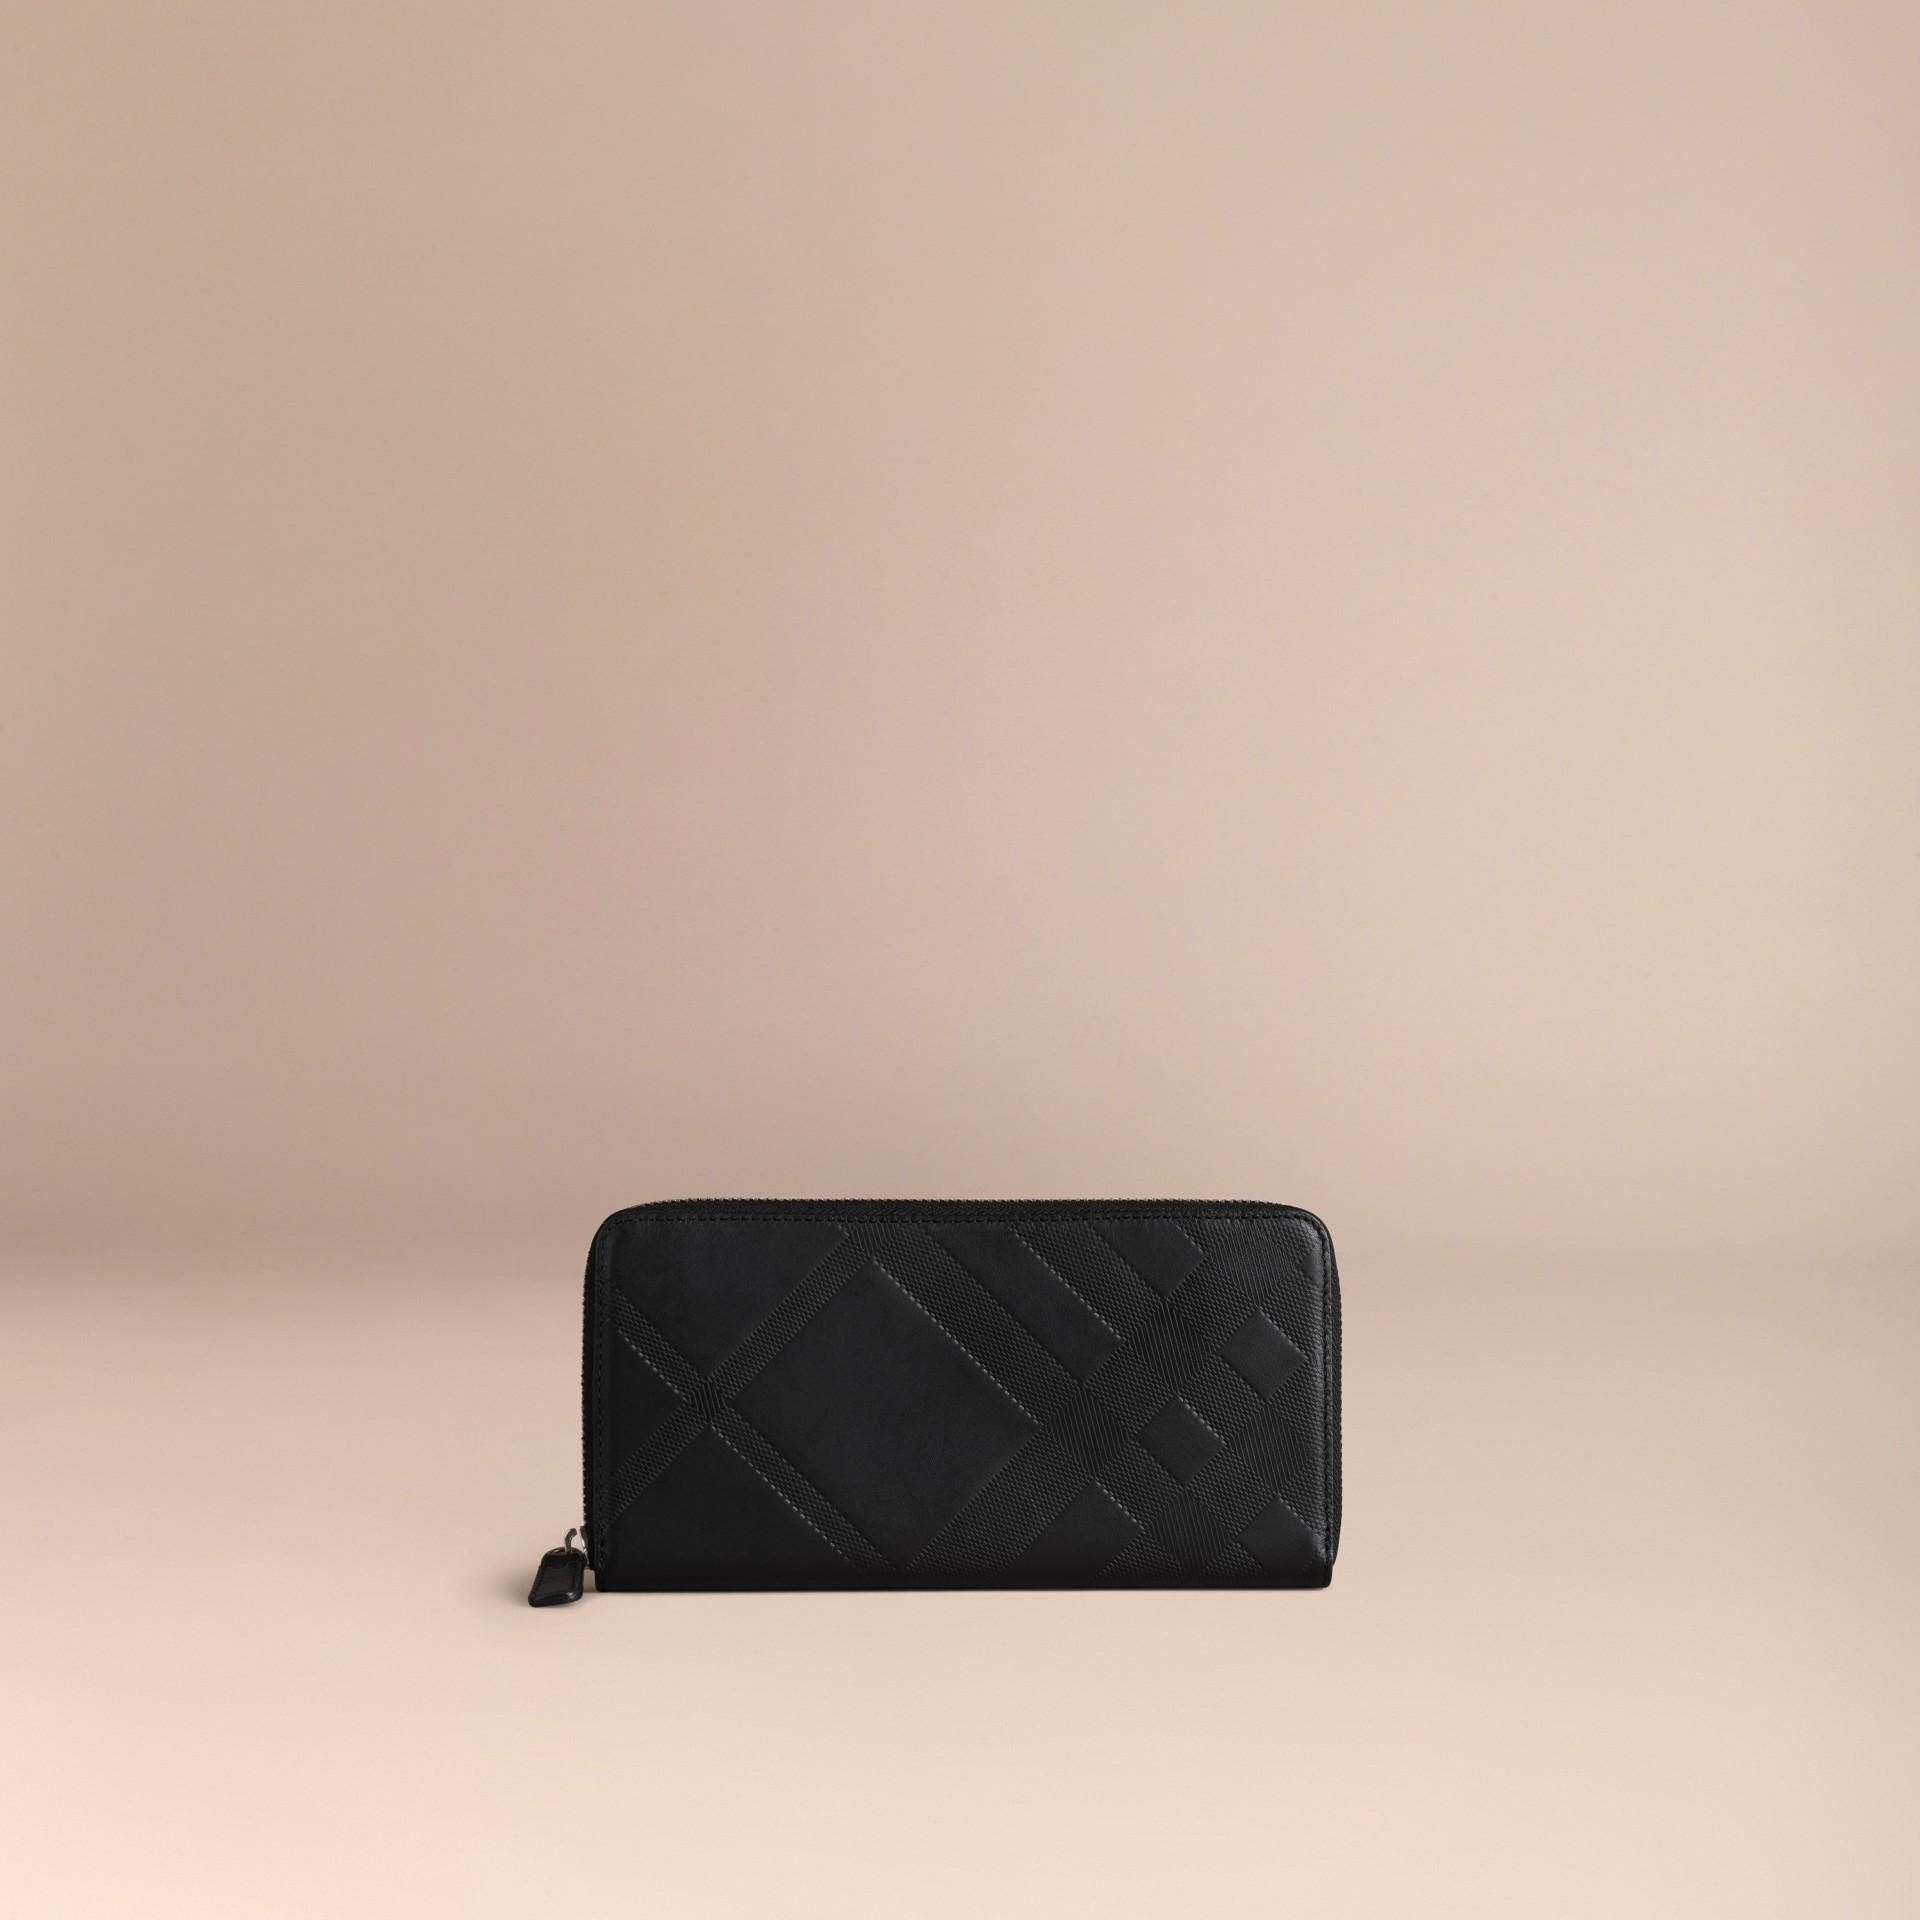 Noir Portefeuille zippé en cuir à motif check estampé Noir - photo de la galerie 3